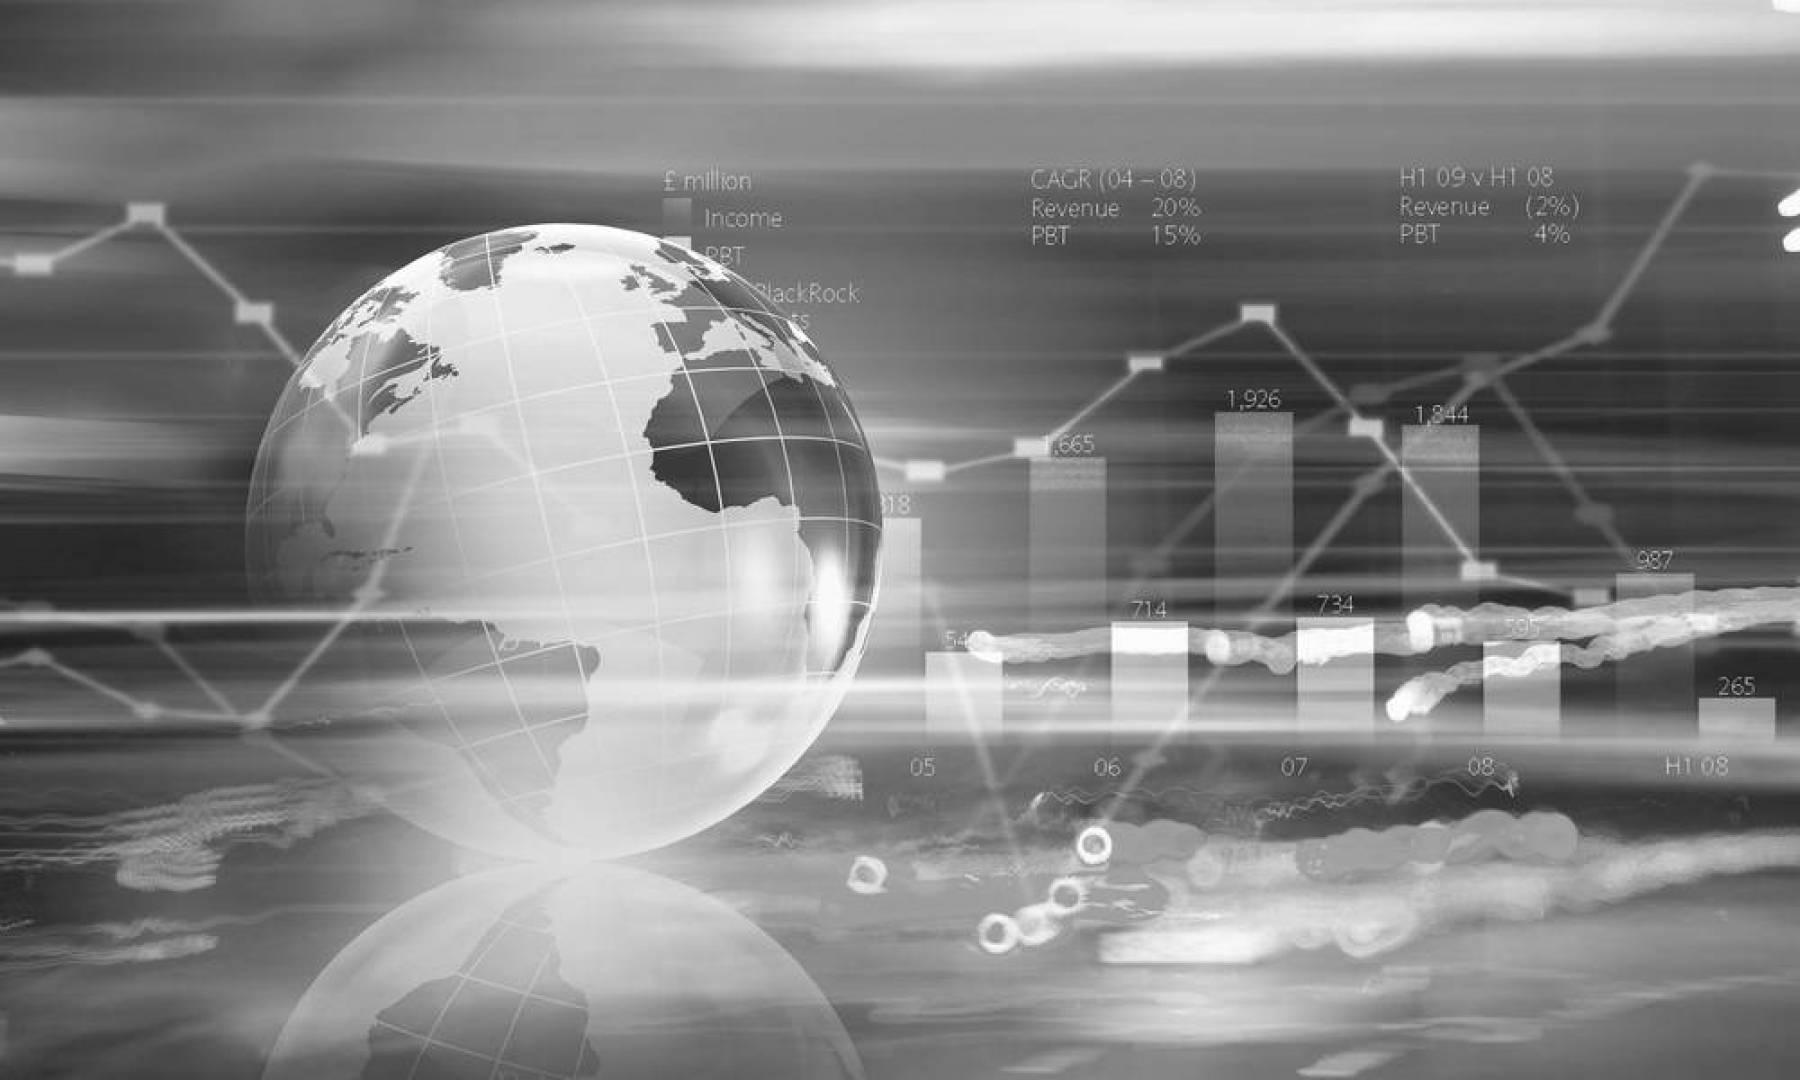 بعد أداء أسواق المال.. هل بدأ الاقتصاد العالمي فعليا مرحلة التعافي؟